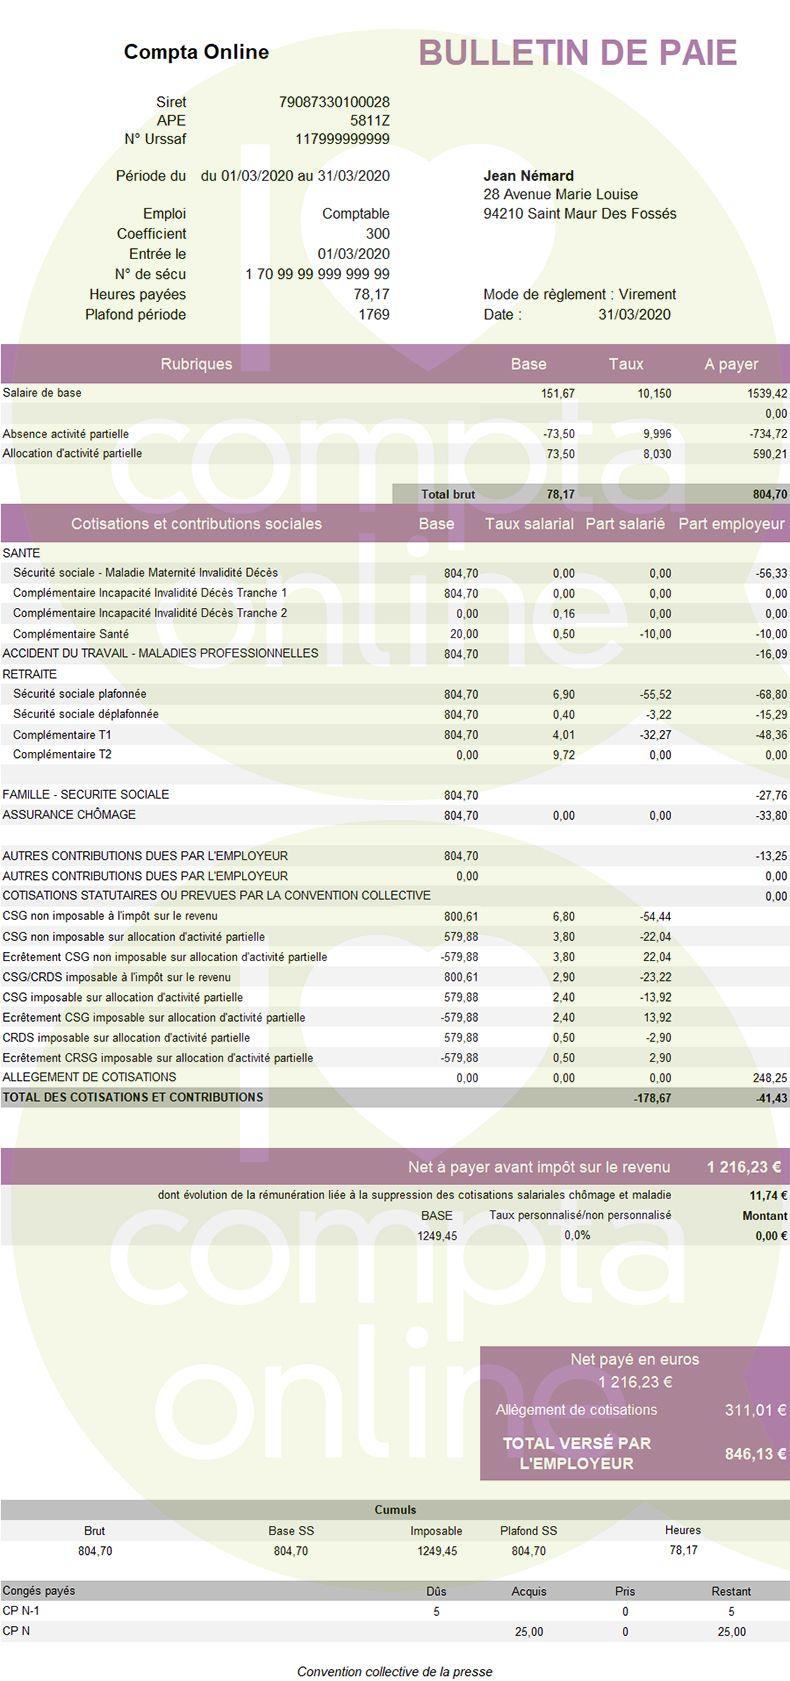 Fiche de paie au SMIC à 35h avec chômage partiel